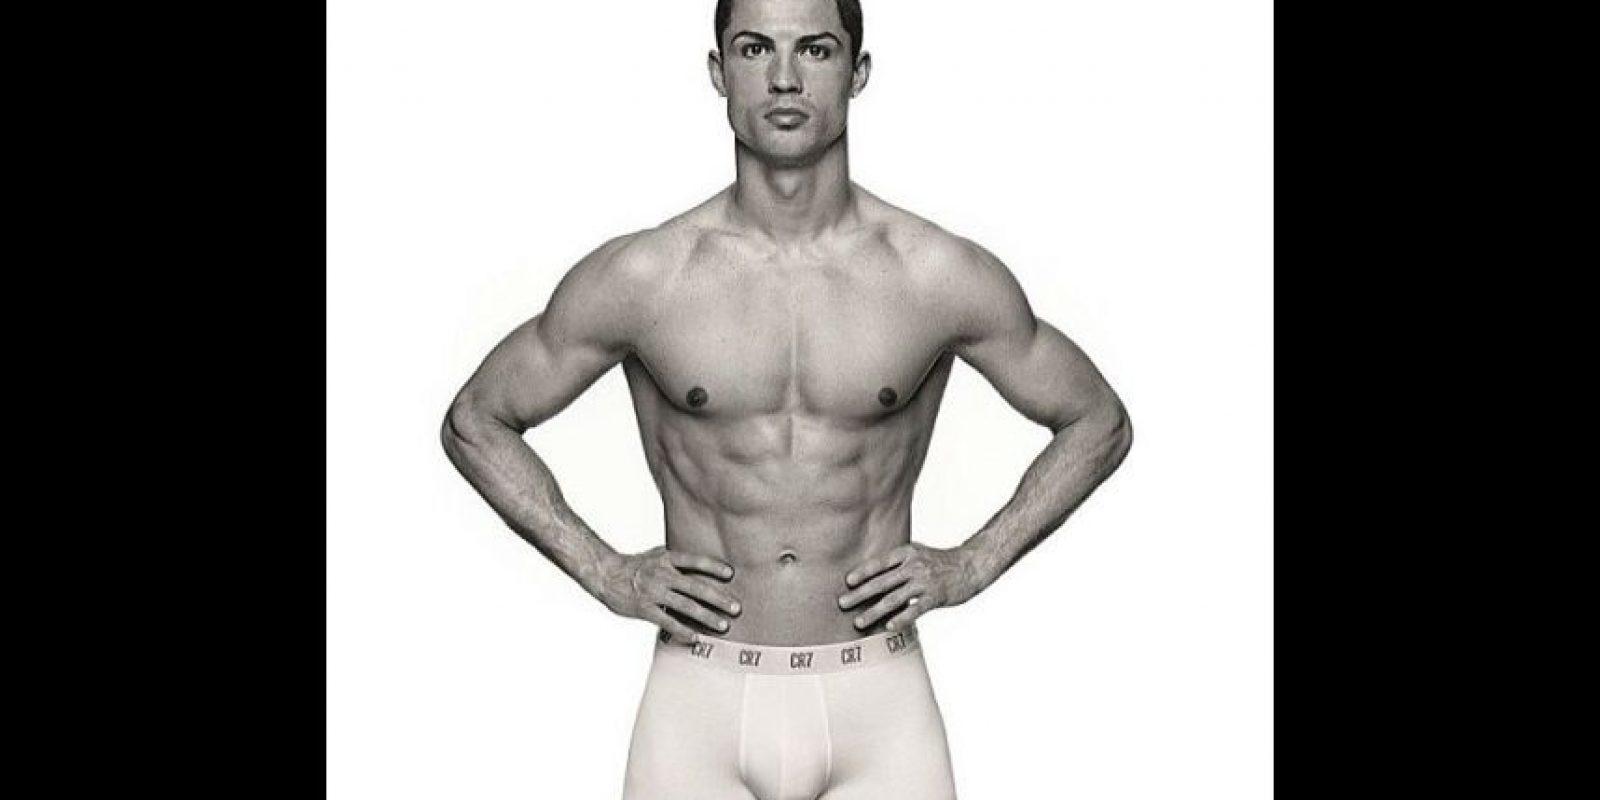 El propio futbolista ha sido la imagen de su marca. Foto:cr7underwear.com